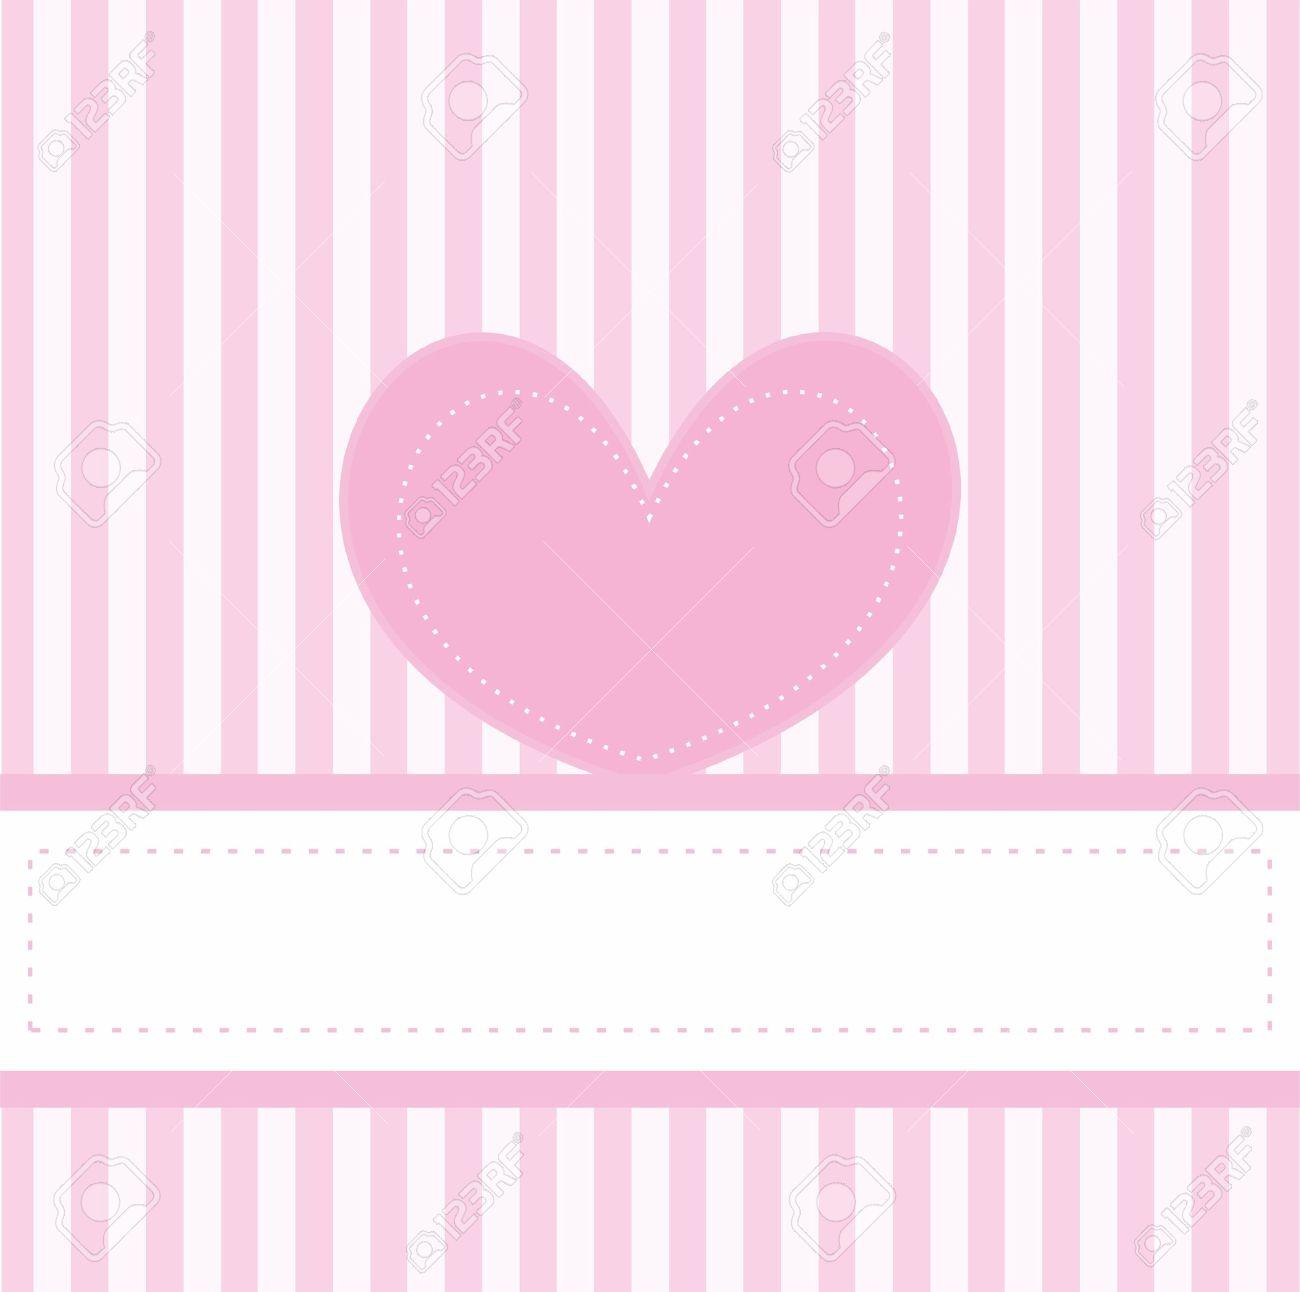 Pink Valentines Tarjeta O Invitación Vector Lleno De Amor Para El Bebé Partido De La Ducha Boda O Cumpleaños Con Rayas Blancas Sobre Fondo Rosado